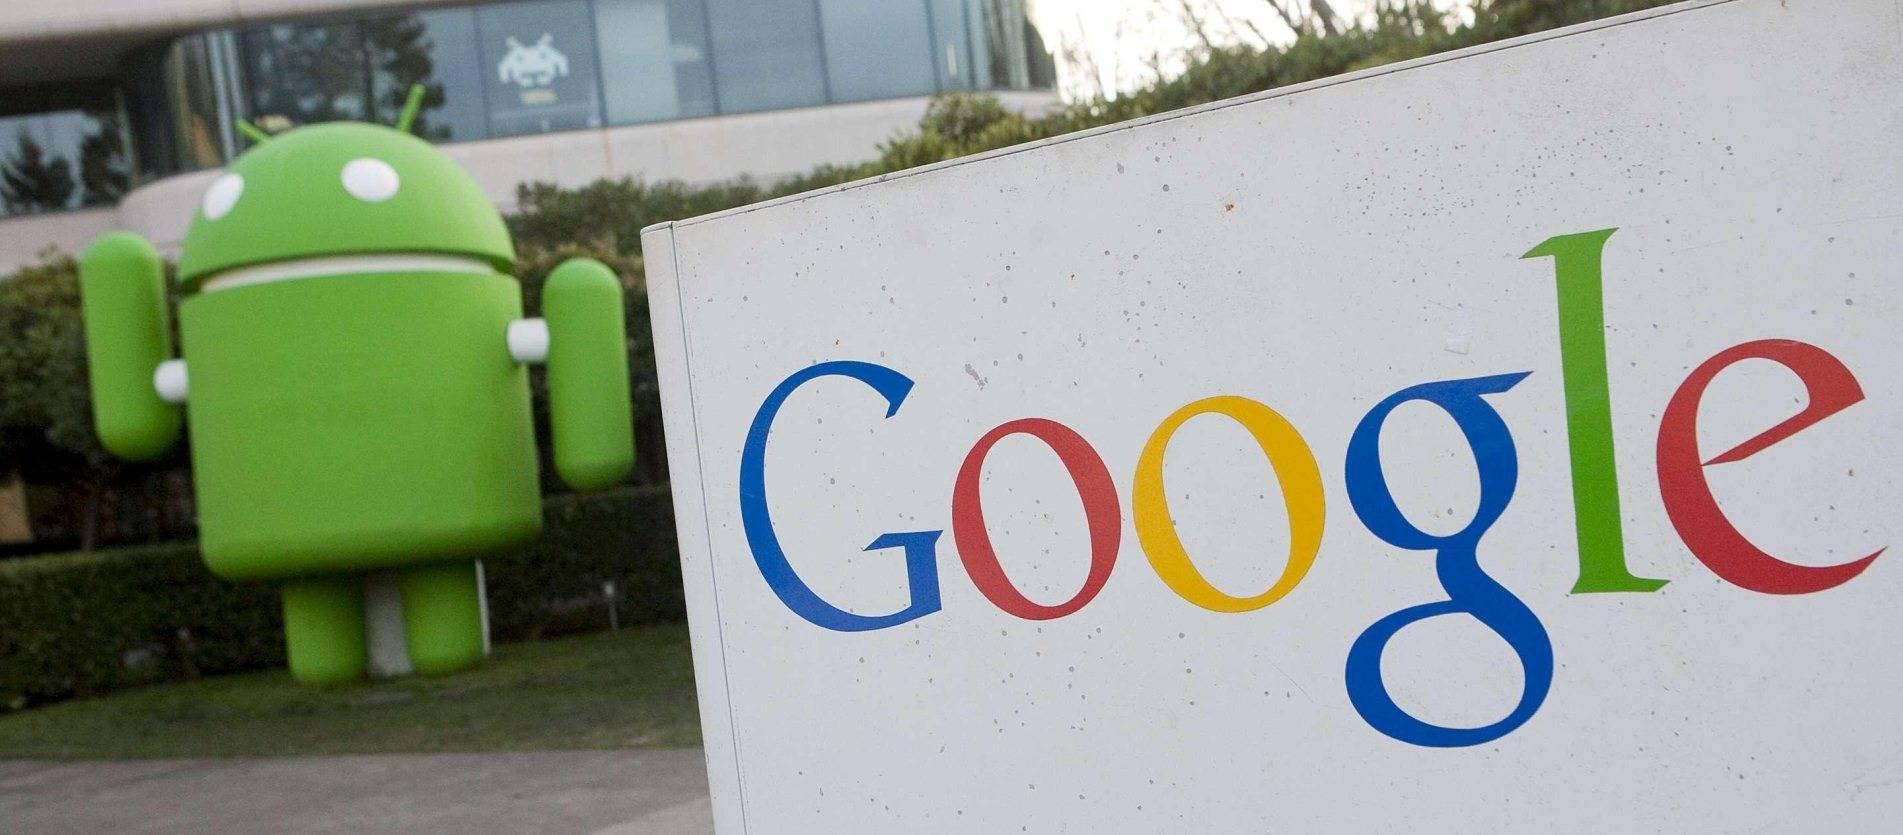 ¿Qué hay detrás del nuevo 'Chat' de Google?: Acusan «desprecio absoluto» por privacidad de usuarios de Android